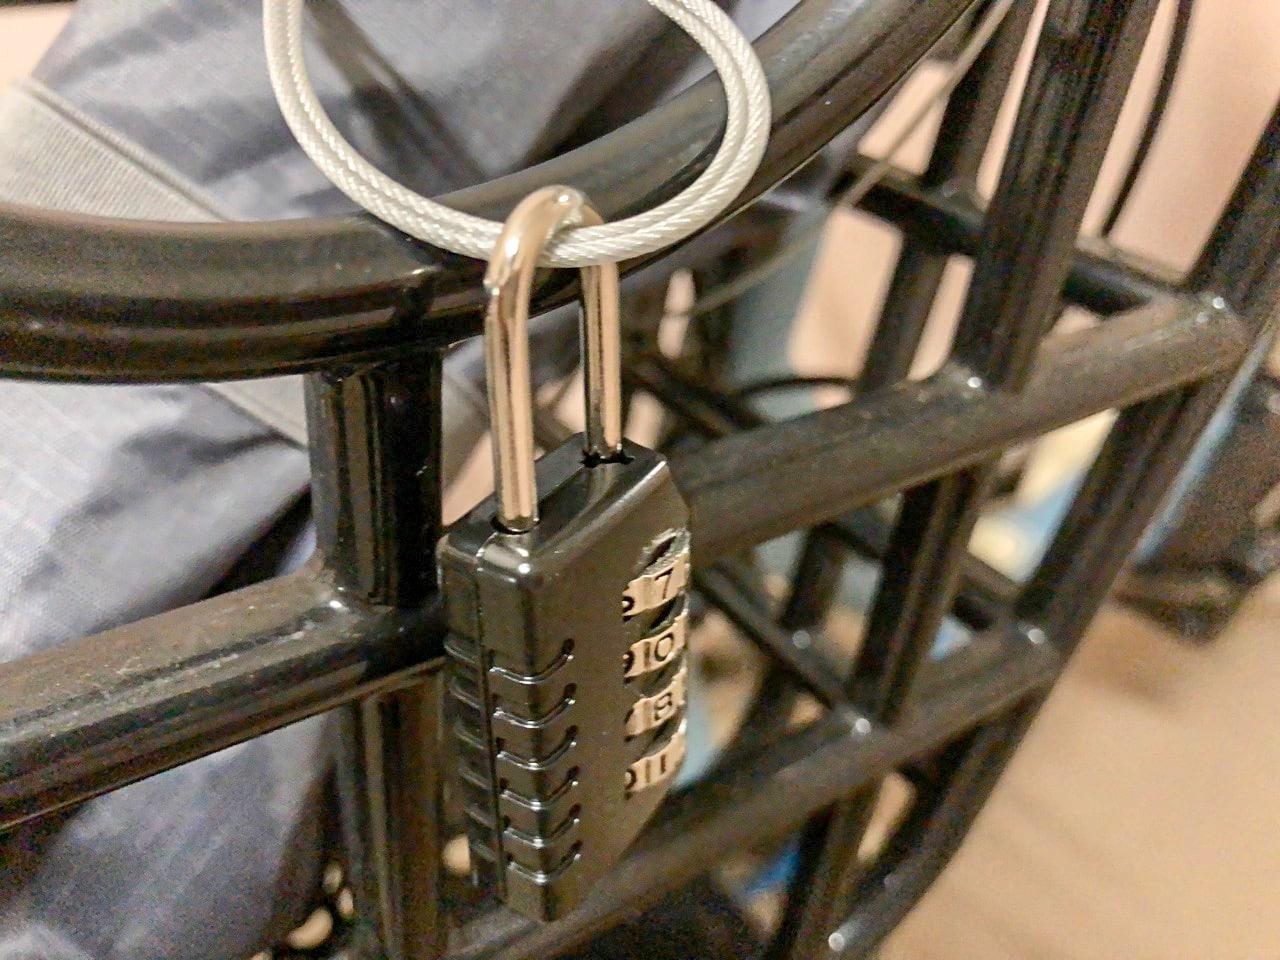 ワイヤーと錠前も最初から付属